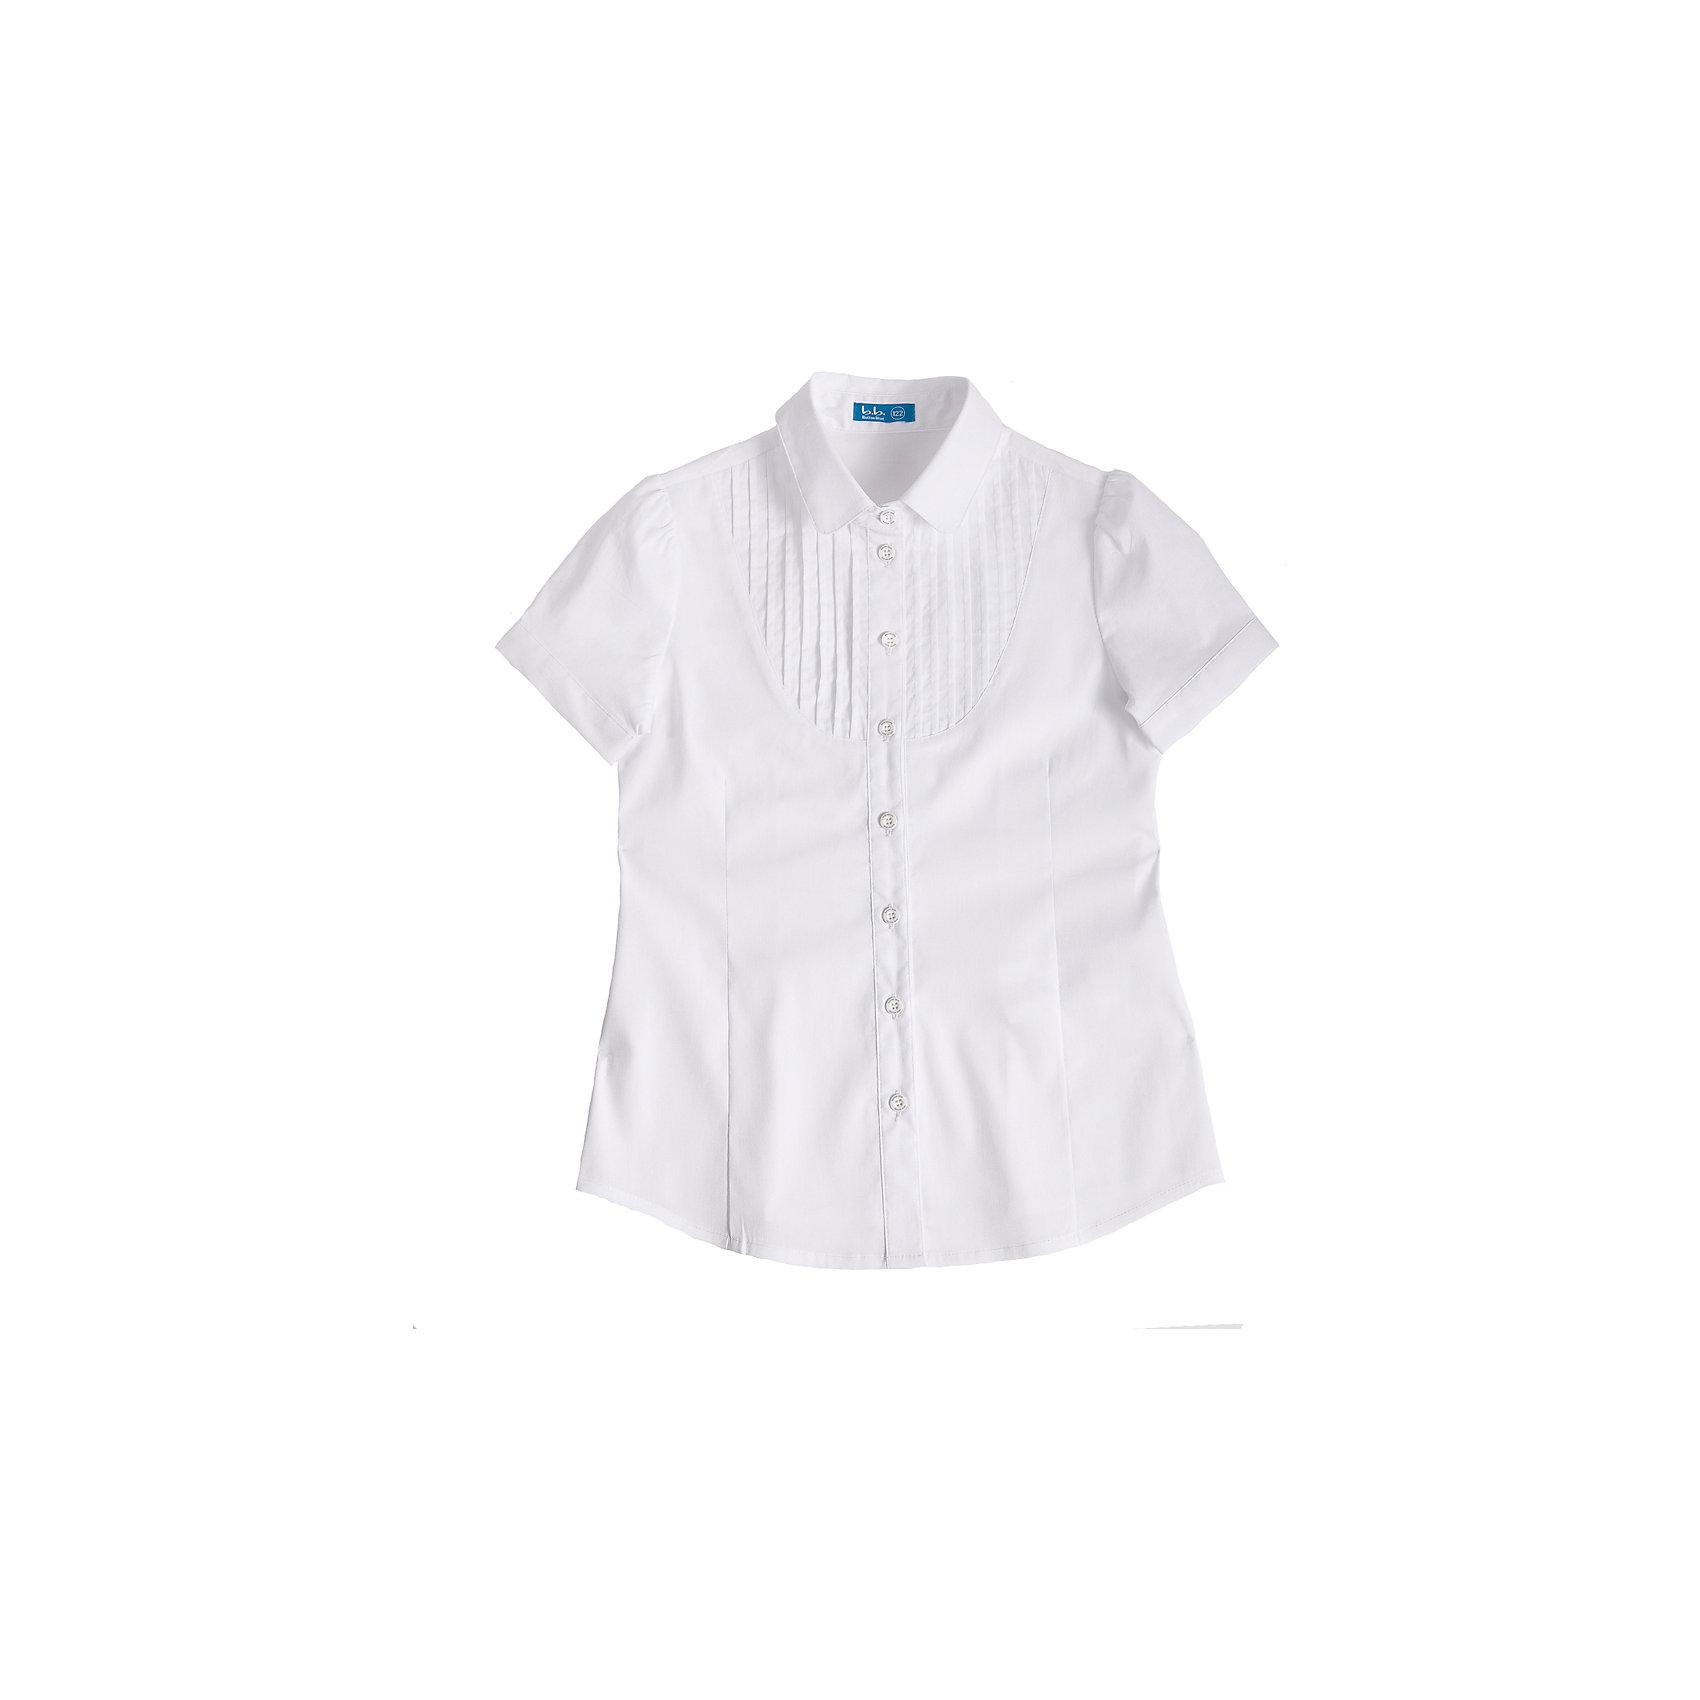 Блузка для девочки Button BlueБелая блузка с коротким рукавом - удачное решение для жарких школьных классов! Блузку украшает оригинальная  кокетка с защипами и интересная конструкция рукава с тонким манжетом и застежкой на пуговицу.<br>Состав:<br>62% хлопок,  35%нейлон,                3% эластан<br><br>Ширина мм: 186<br>Глубина мм: 87<br>Высота мм: 198<br>Вес г: 197<br>Цвет: белый<br>Возраст от месяцев: 132<br>Возраст до месяцев: 144<br>Пол: Женский<br>Возраст: Детский<br>Размер: 152,158,122,128,134,140,146<br>SKU: 4147332